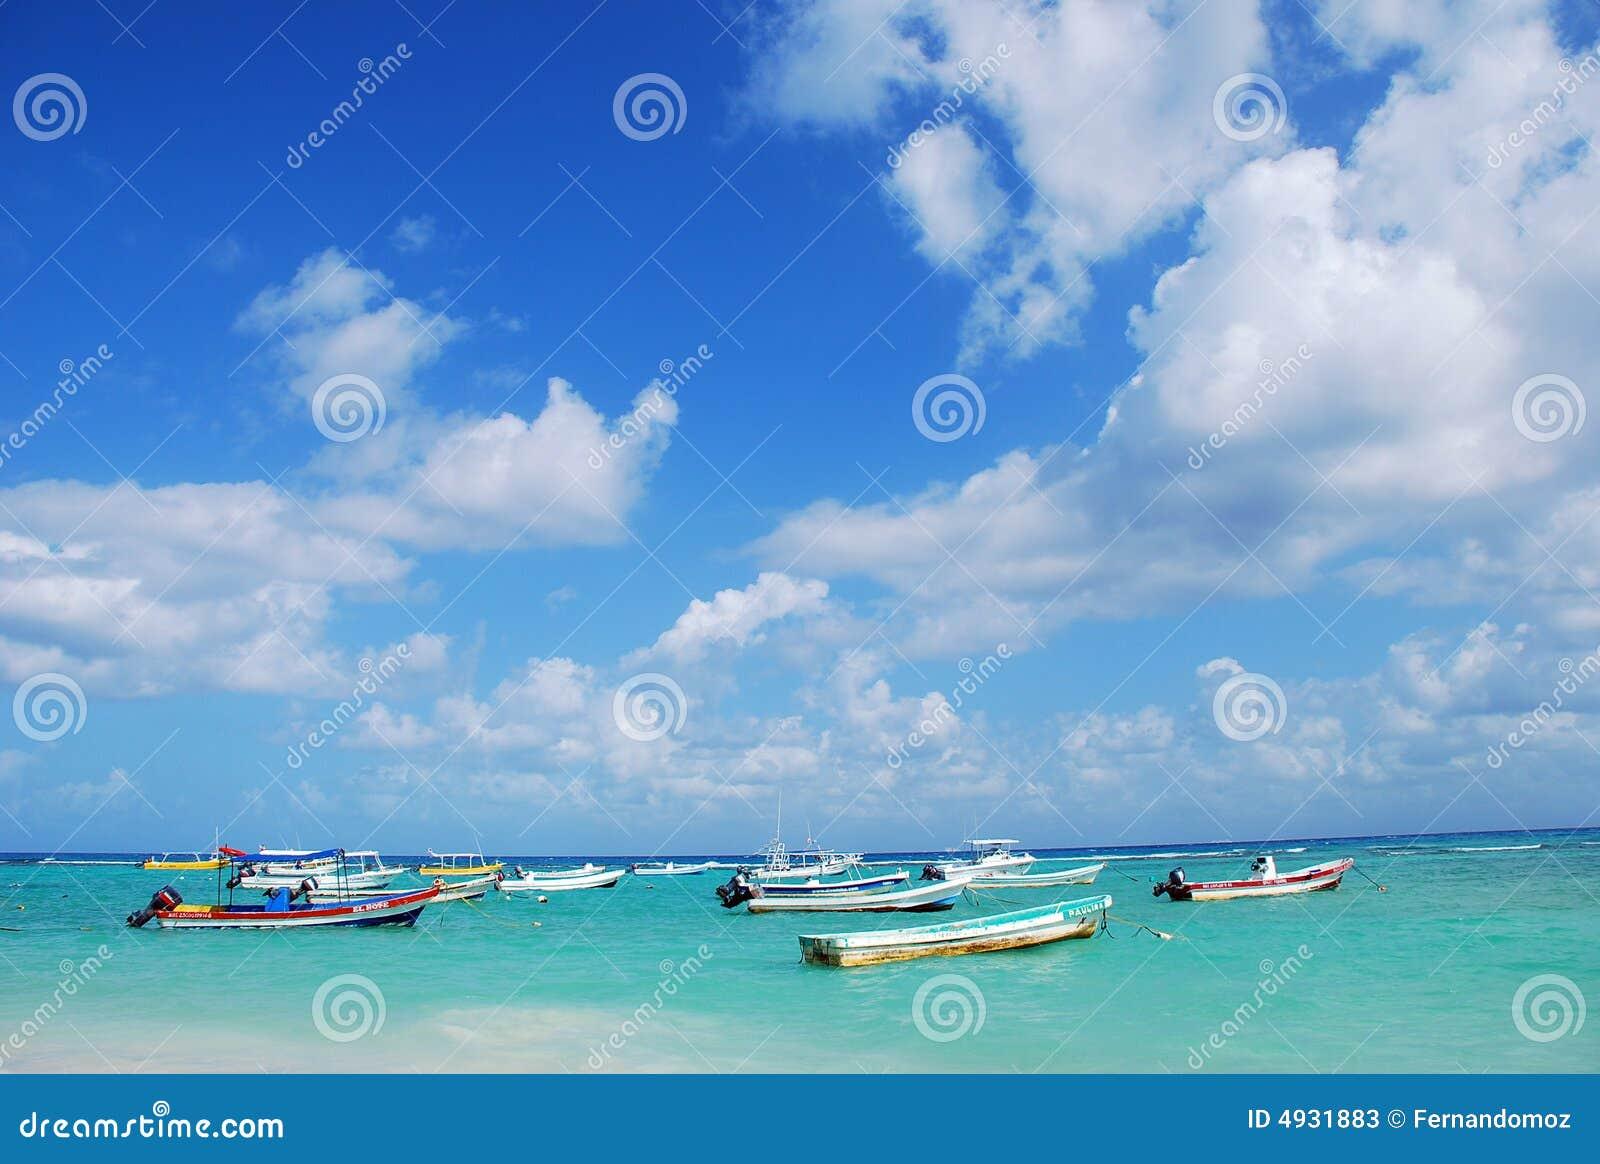 Barcos de mar do Cararibe